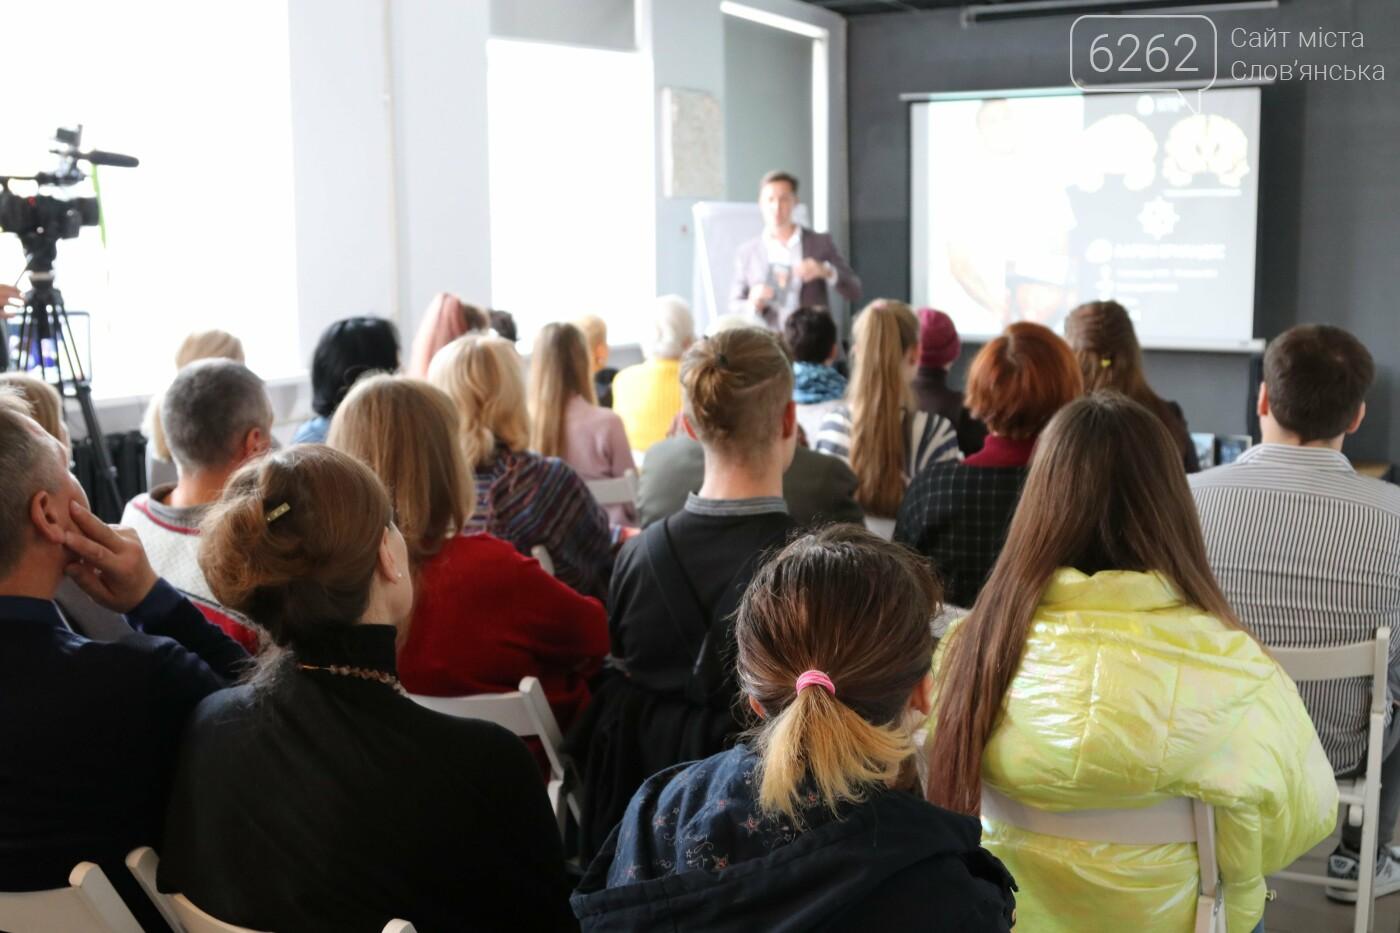 Макс Кідрук у Слов'янську. Як пройшла презентація книги з доповненою реальністю, фото-6